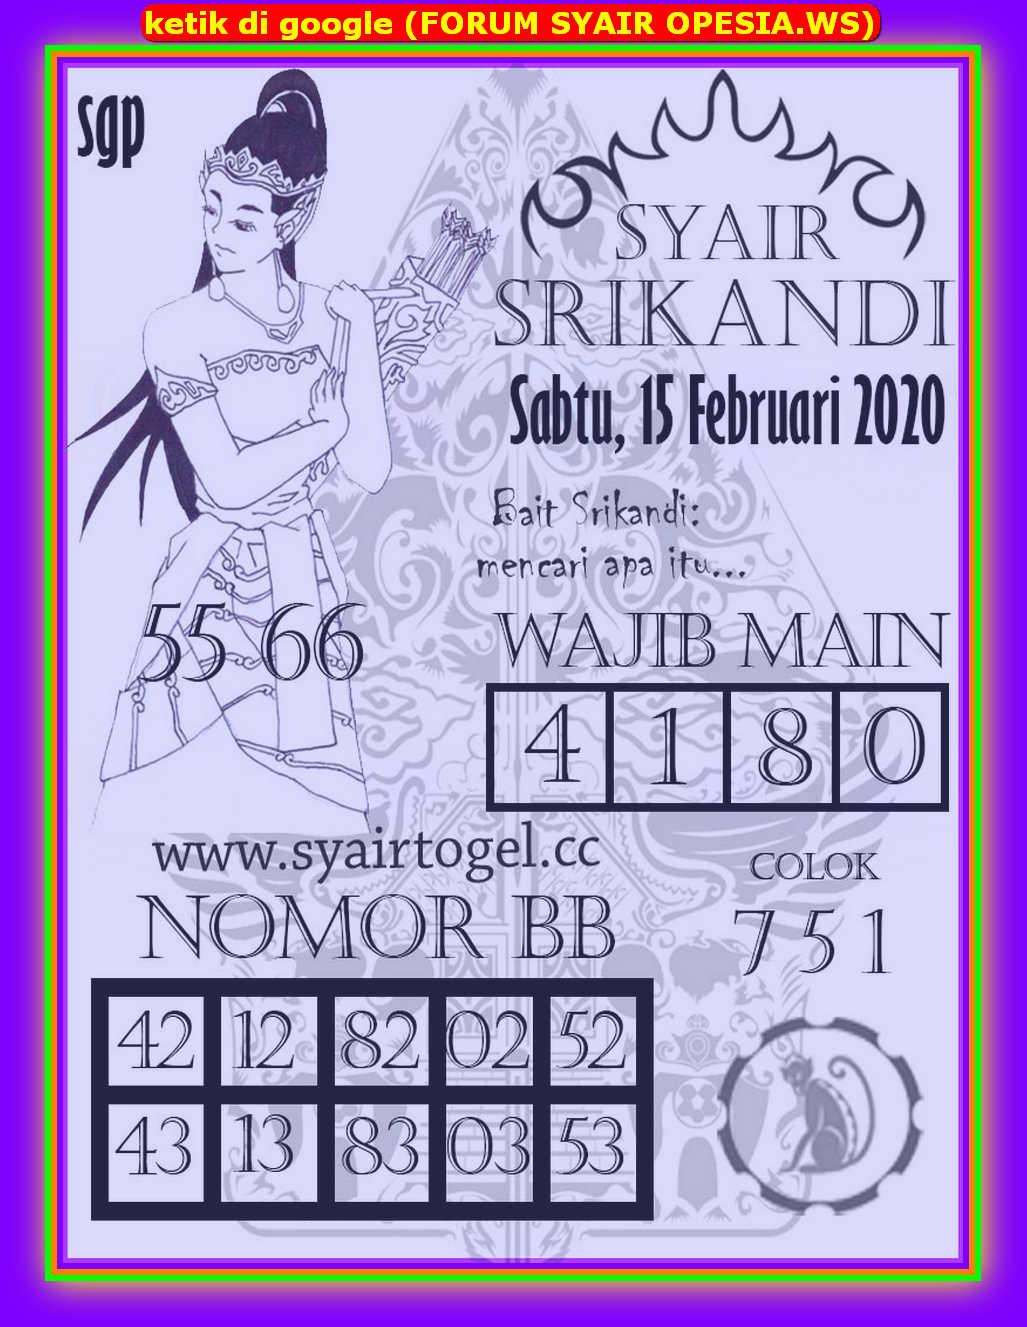 Kode syair Singapore Sabtu 15 Februari 2020 155